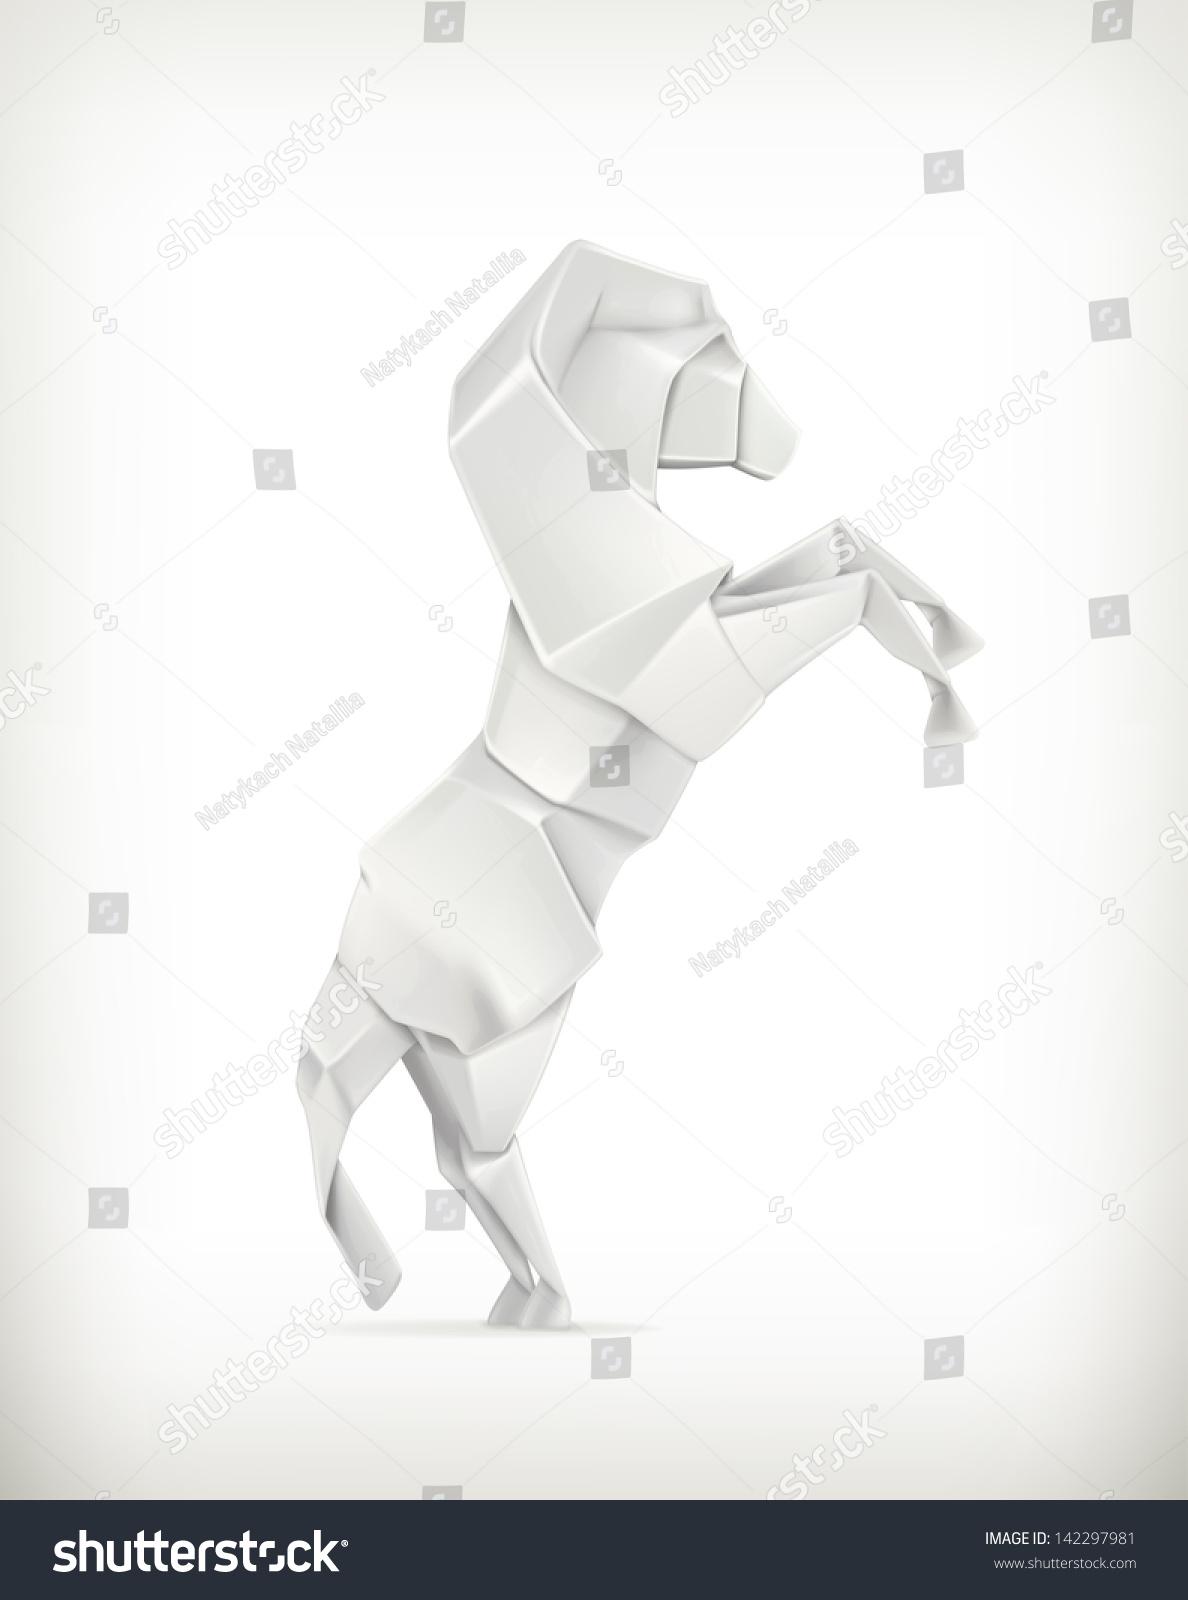 白皮书马,向量折纸-动物/野生生物,物体-海洛创意()-.